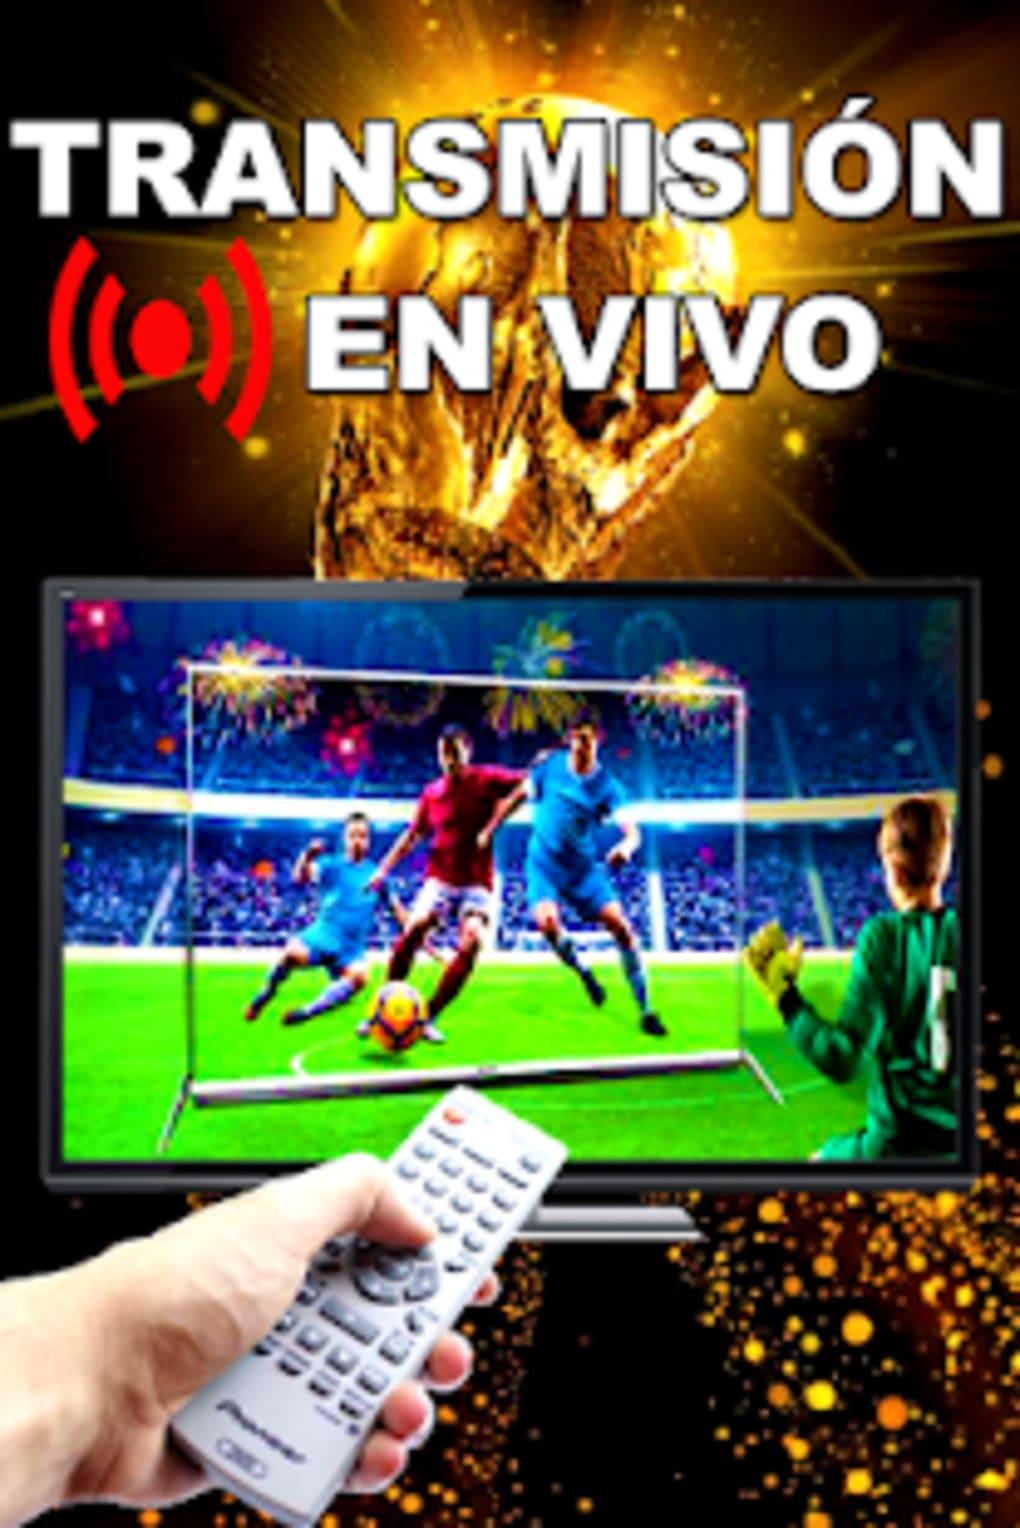 Tv Deportes - Fútbol En Vivo - Canales Guide en Hd para Android